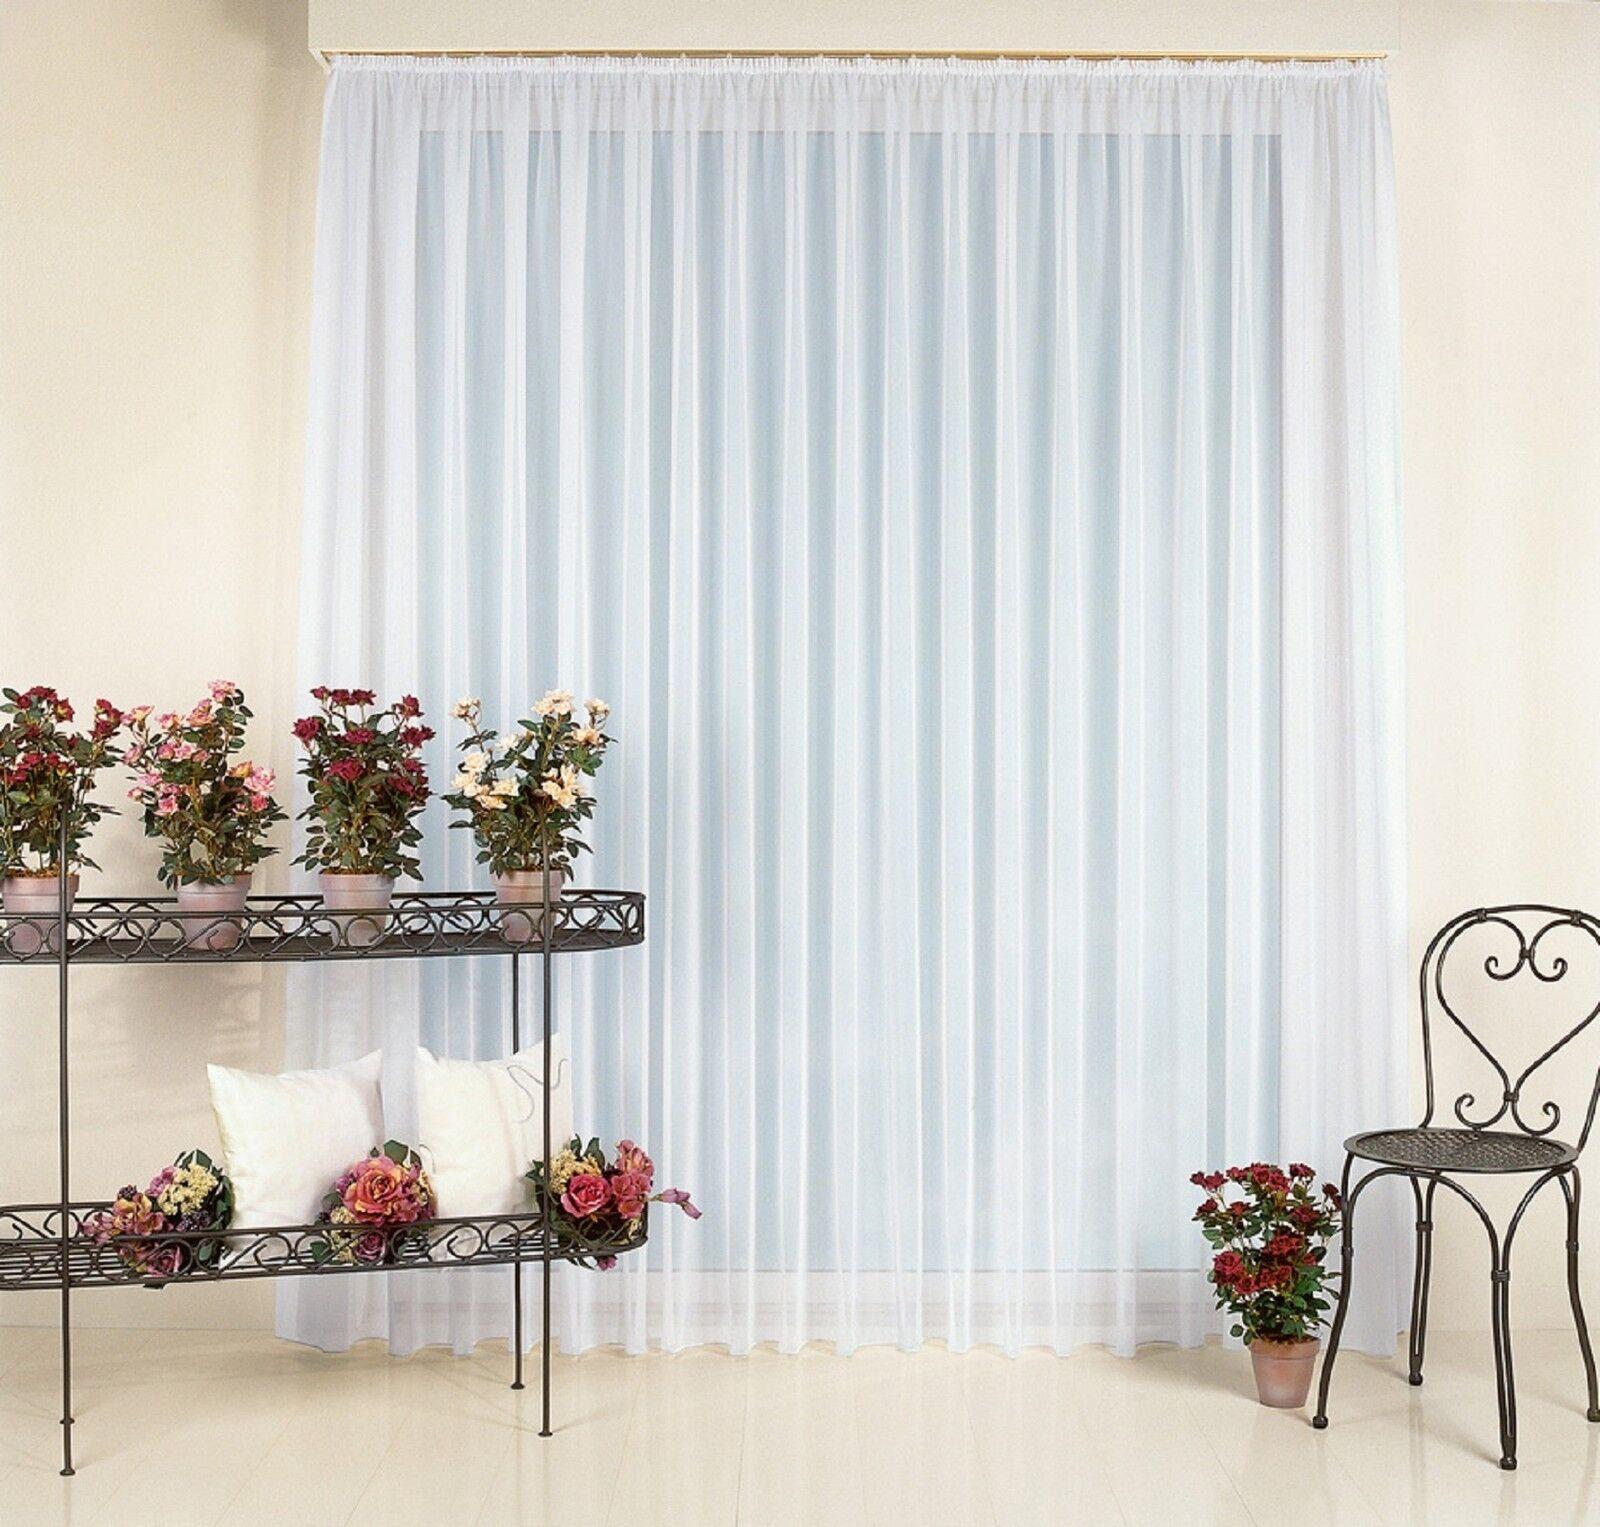 Gardine, Store transparent transparent transparent weiß in vielen Größen | Üppiges Design  1bc71a